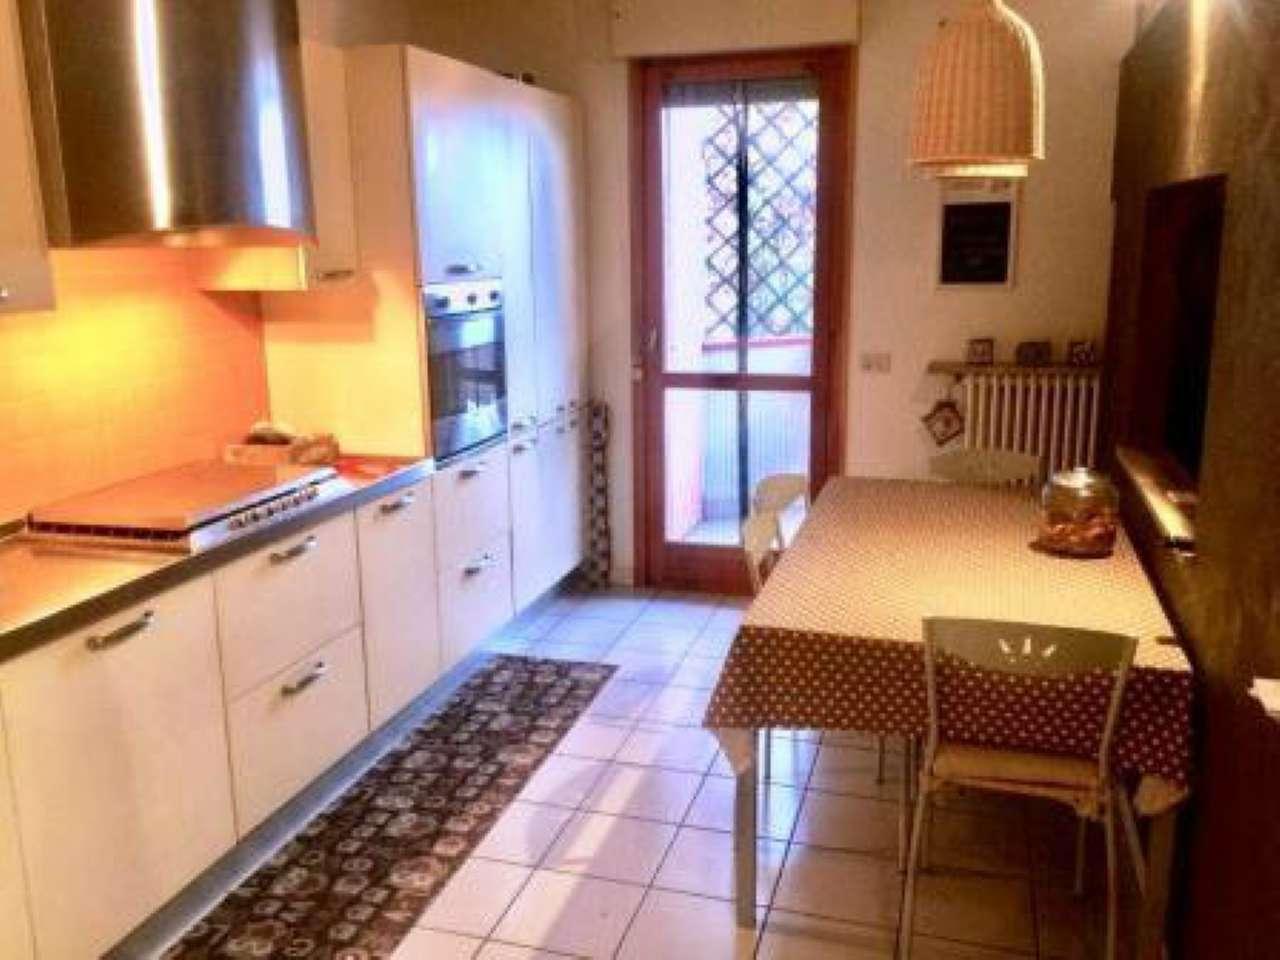 Appartamento in vendita a Cesena, 3 locali, prezzo € 205.000 | Cambio Casa.it